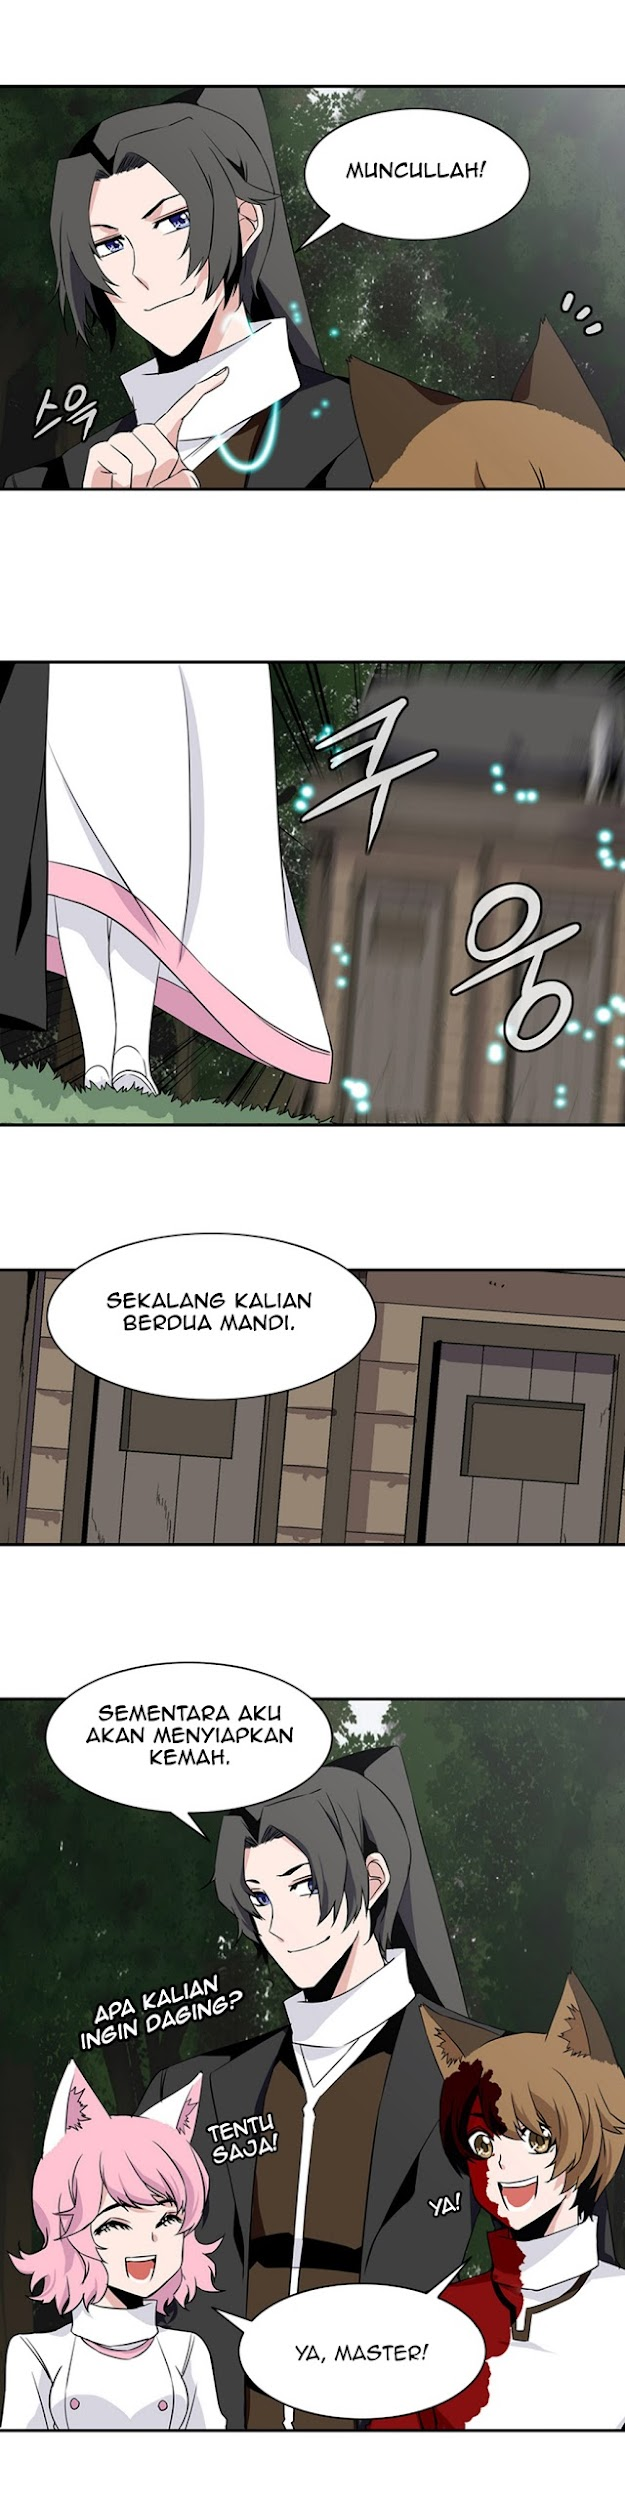 Dilarang COPAS - situs resmi www.mangacanblog.com - Komik wizardly tower 018 - chapter 18 19 Indonesia wizardly tower 018 - chapter 18 Terbaru 18|Baca Manga Komik Indonesia|Mangacan